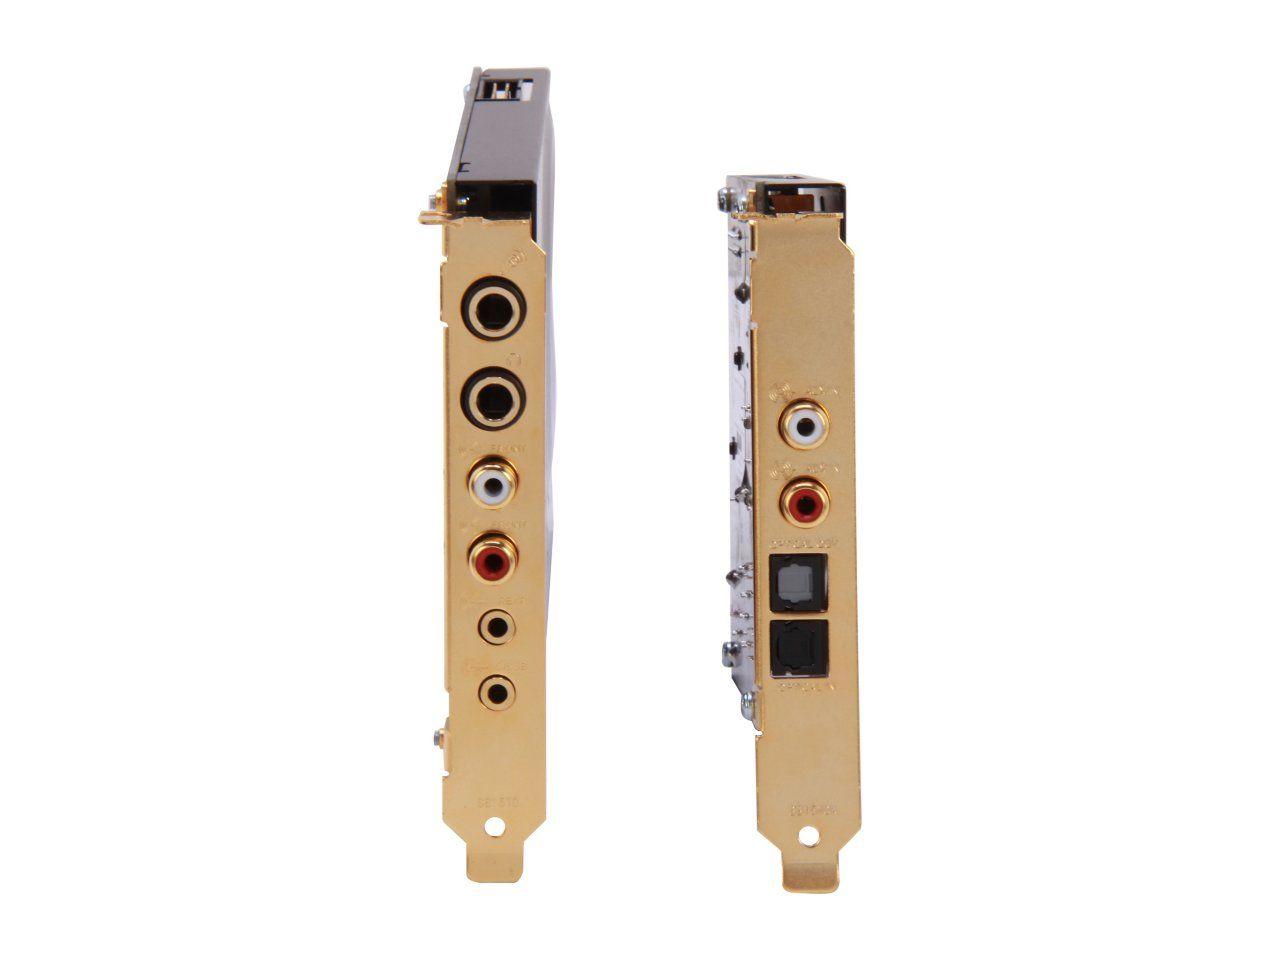 Creative Sound Blaster ZxR PCIe 124dB SNR Sound Card with